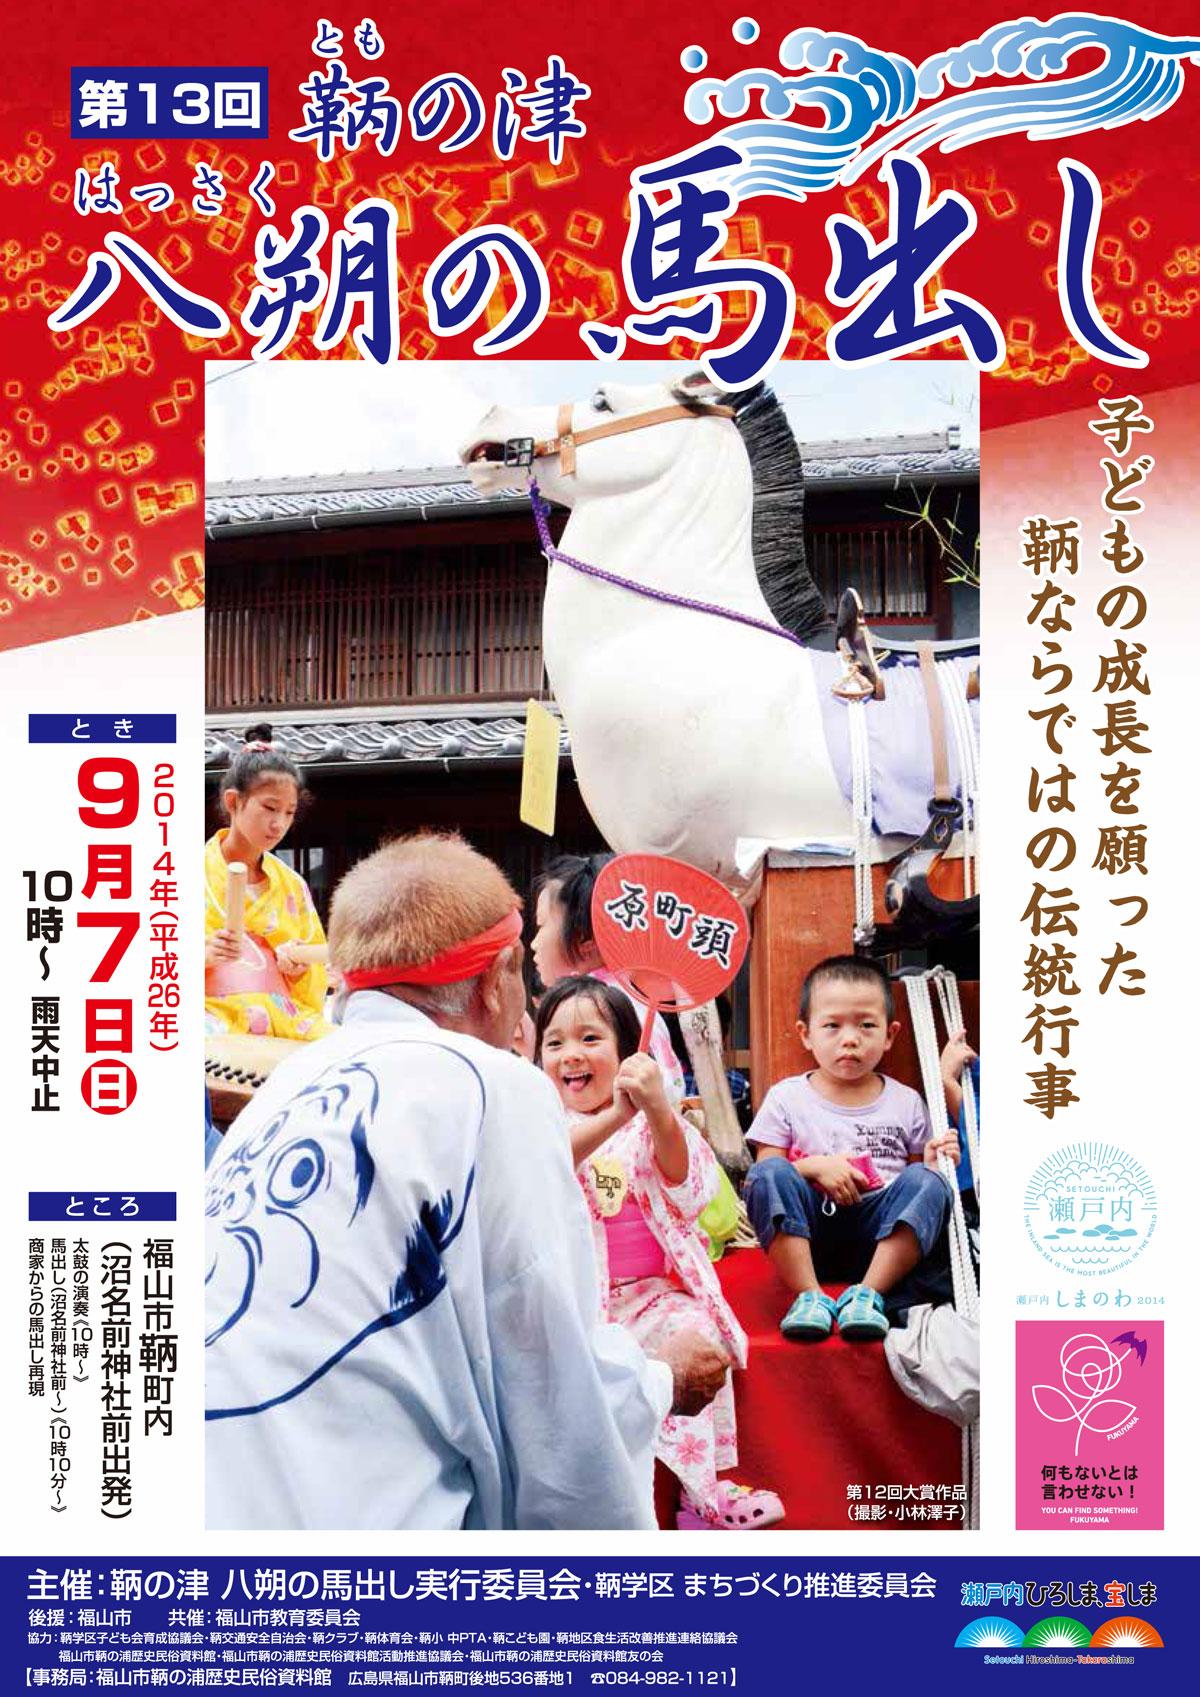 福山市鞆町 八朔(はっさく)の馬出しが9月7日(日)に開催